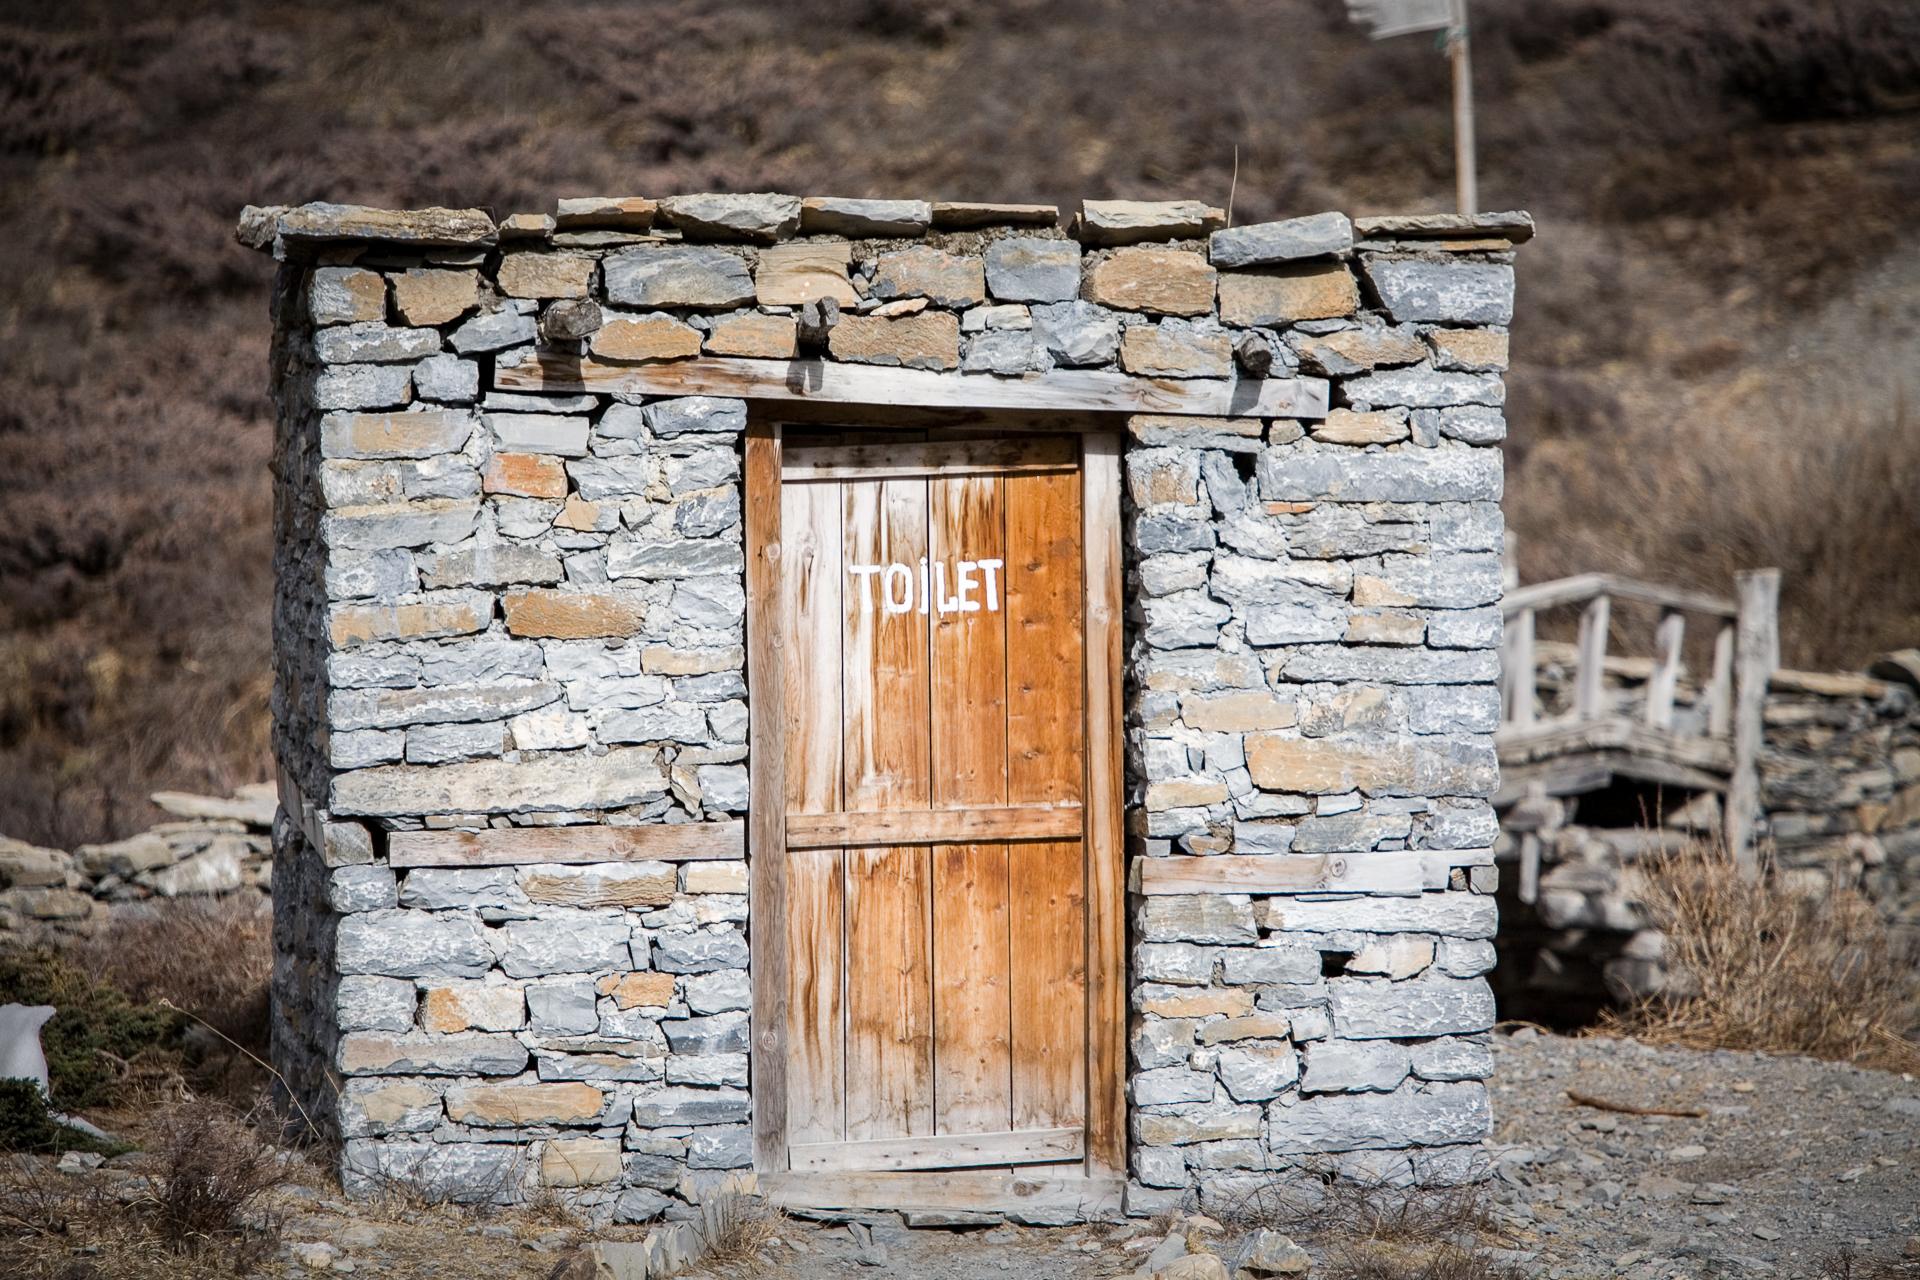 Toilet near Tilicho lake.